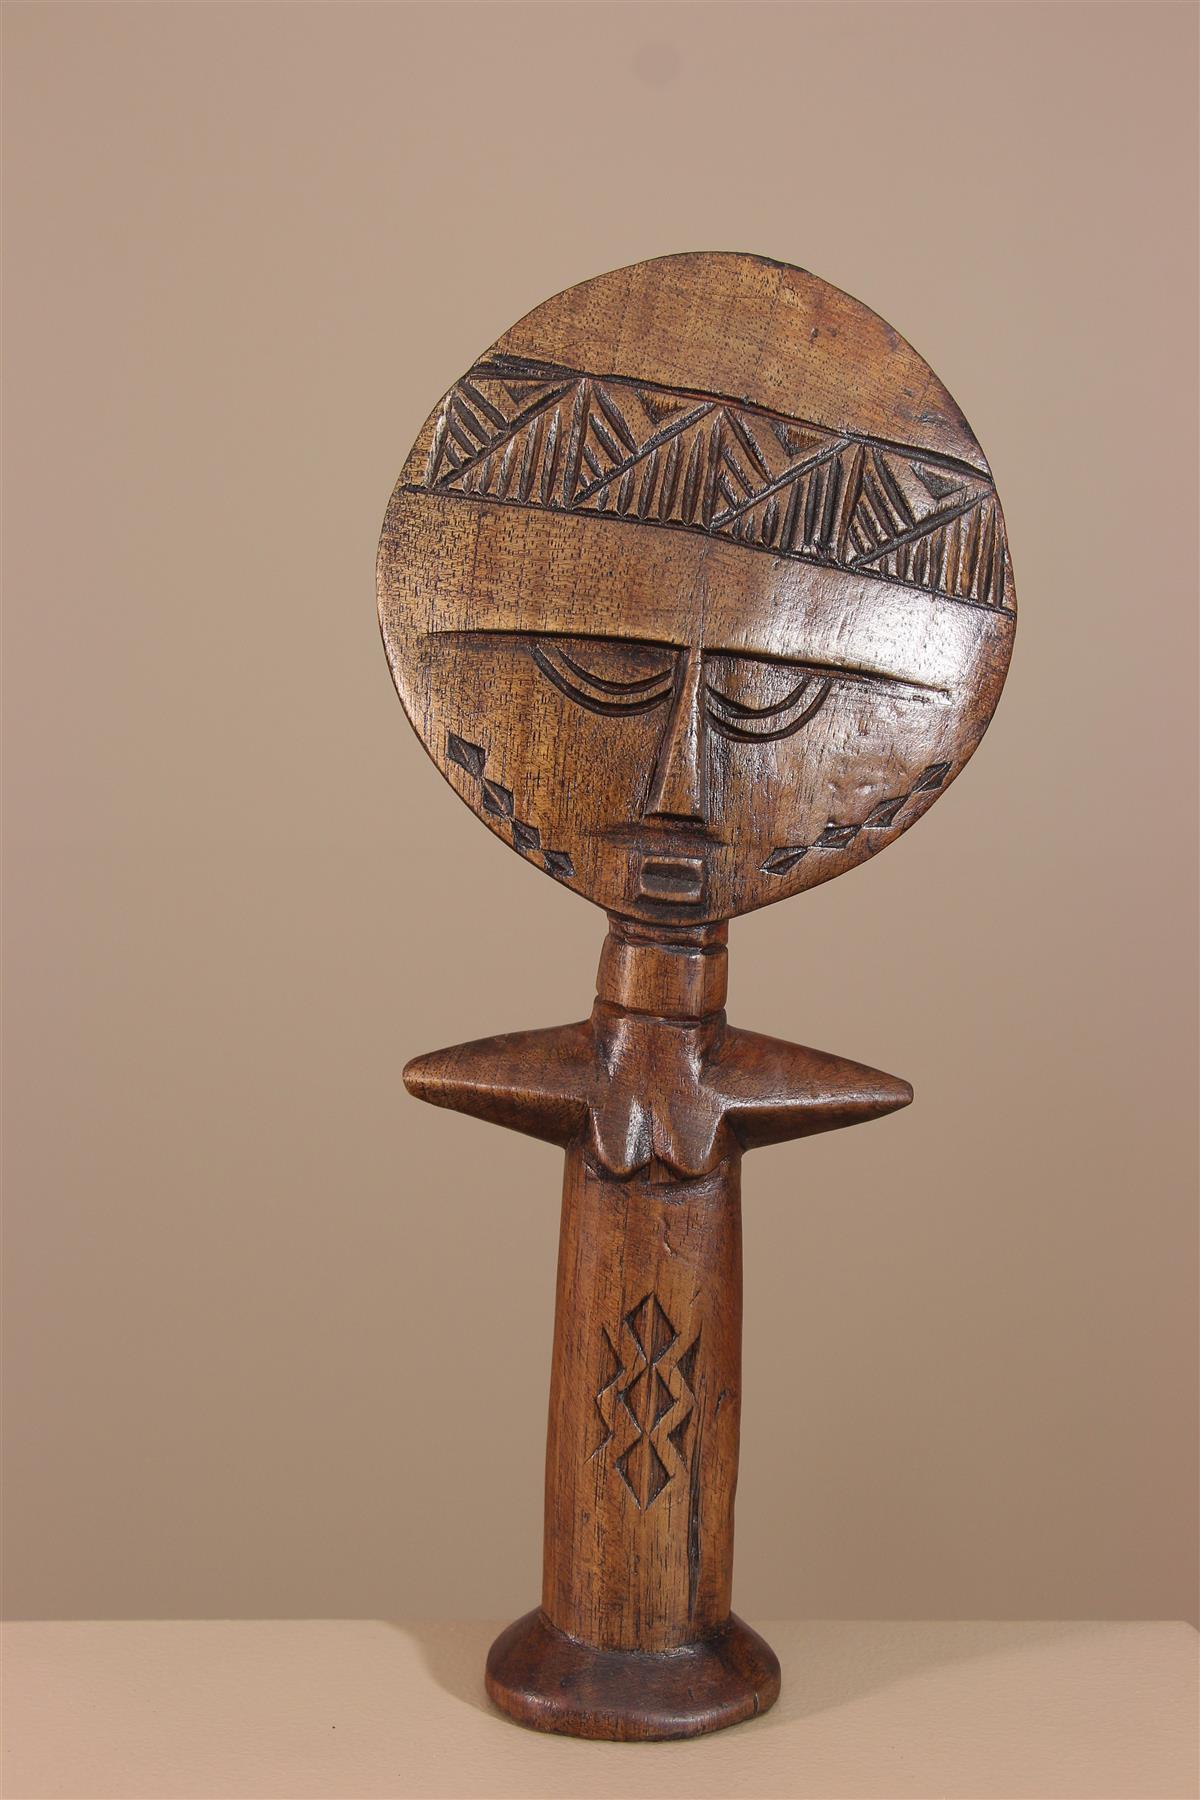 Poupée Ashanti - Déco africaine - Art africain traditionnel